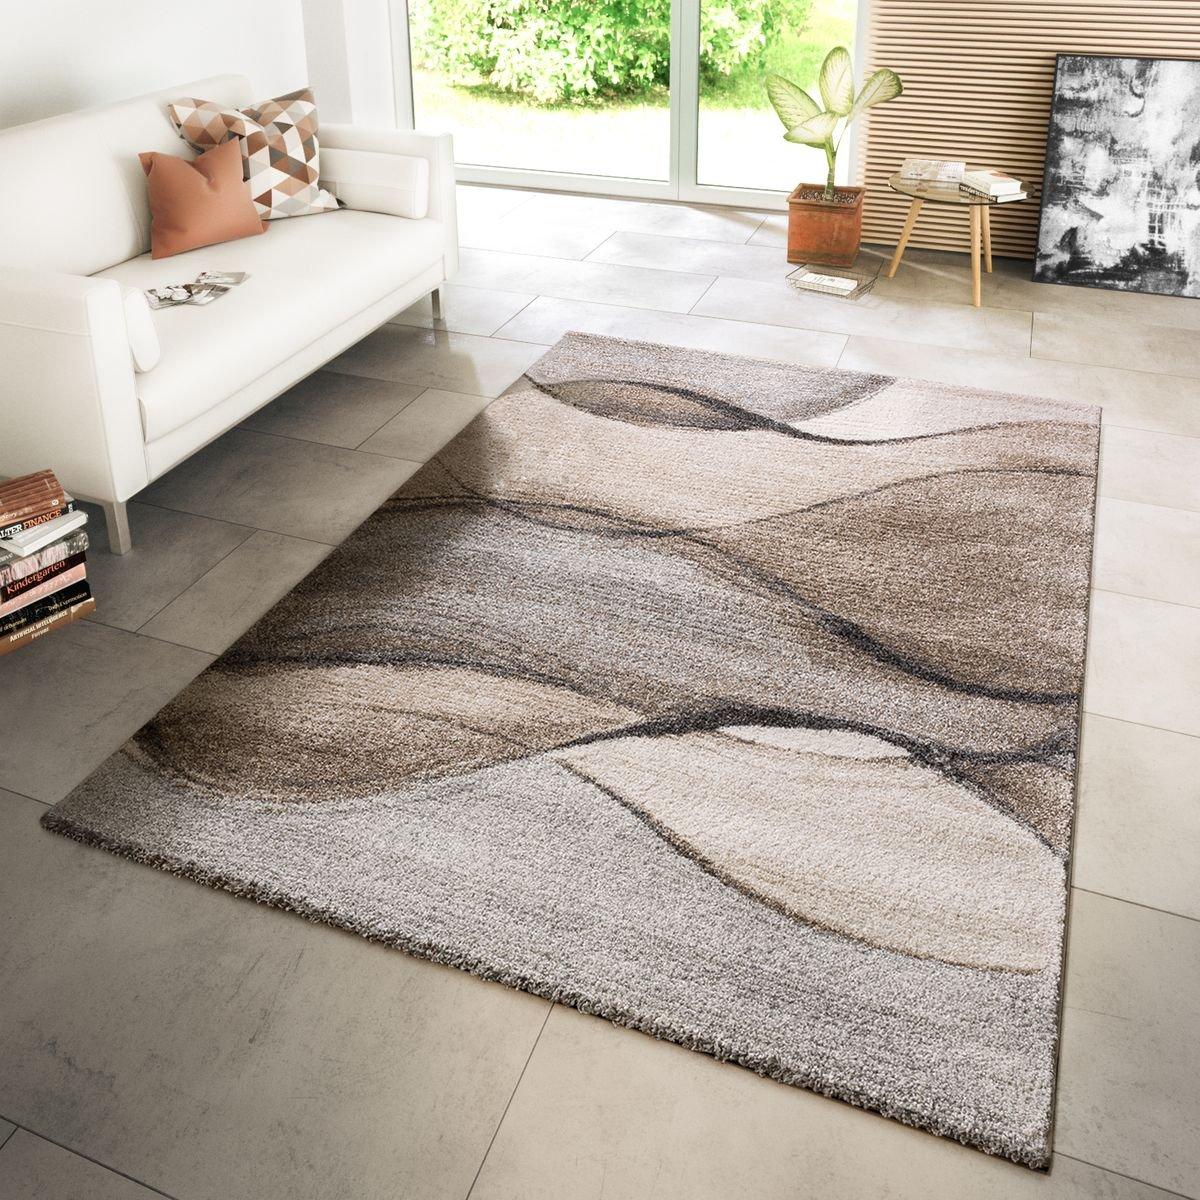 TT Home Teppich Modern Wohnzimmer Webteppich Modern Style Wellen Meliert Grau Beige Creme, Größe 160x230 cm